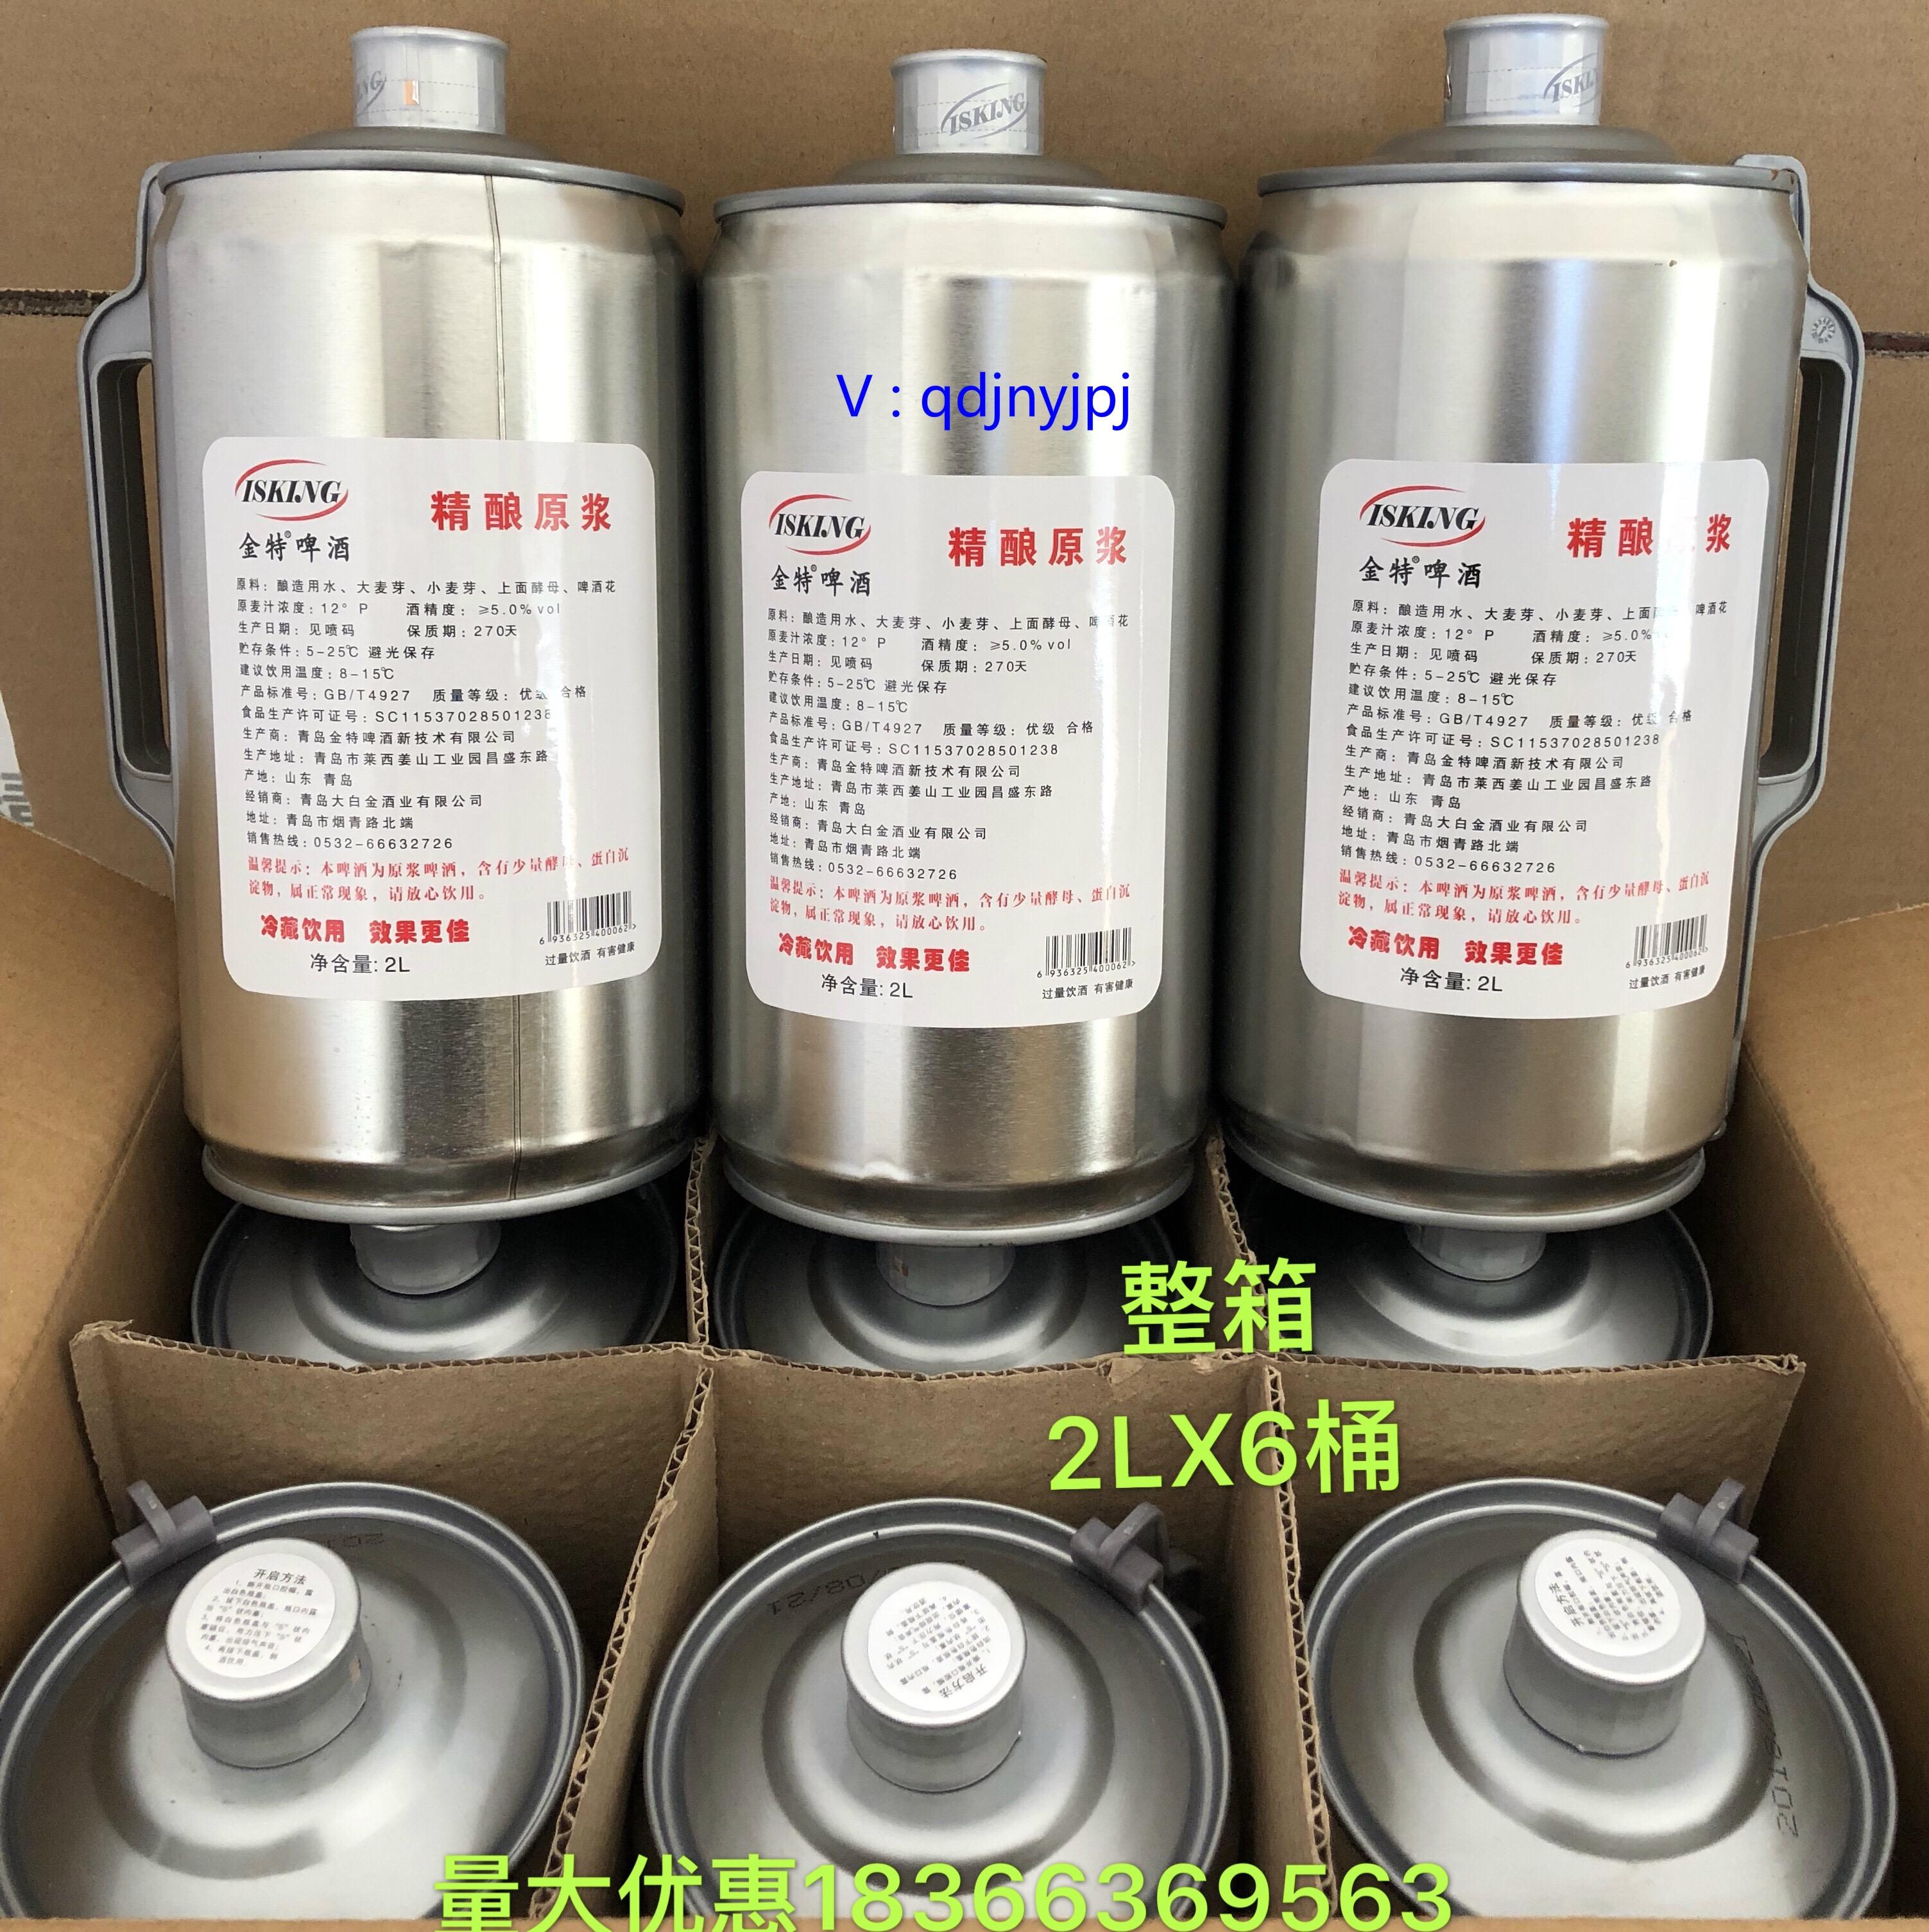 青岛金特精酿原浆啤酒青岛特产全麦高浓度原浆白啤2L整箱6桶包邮